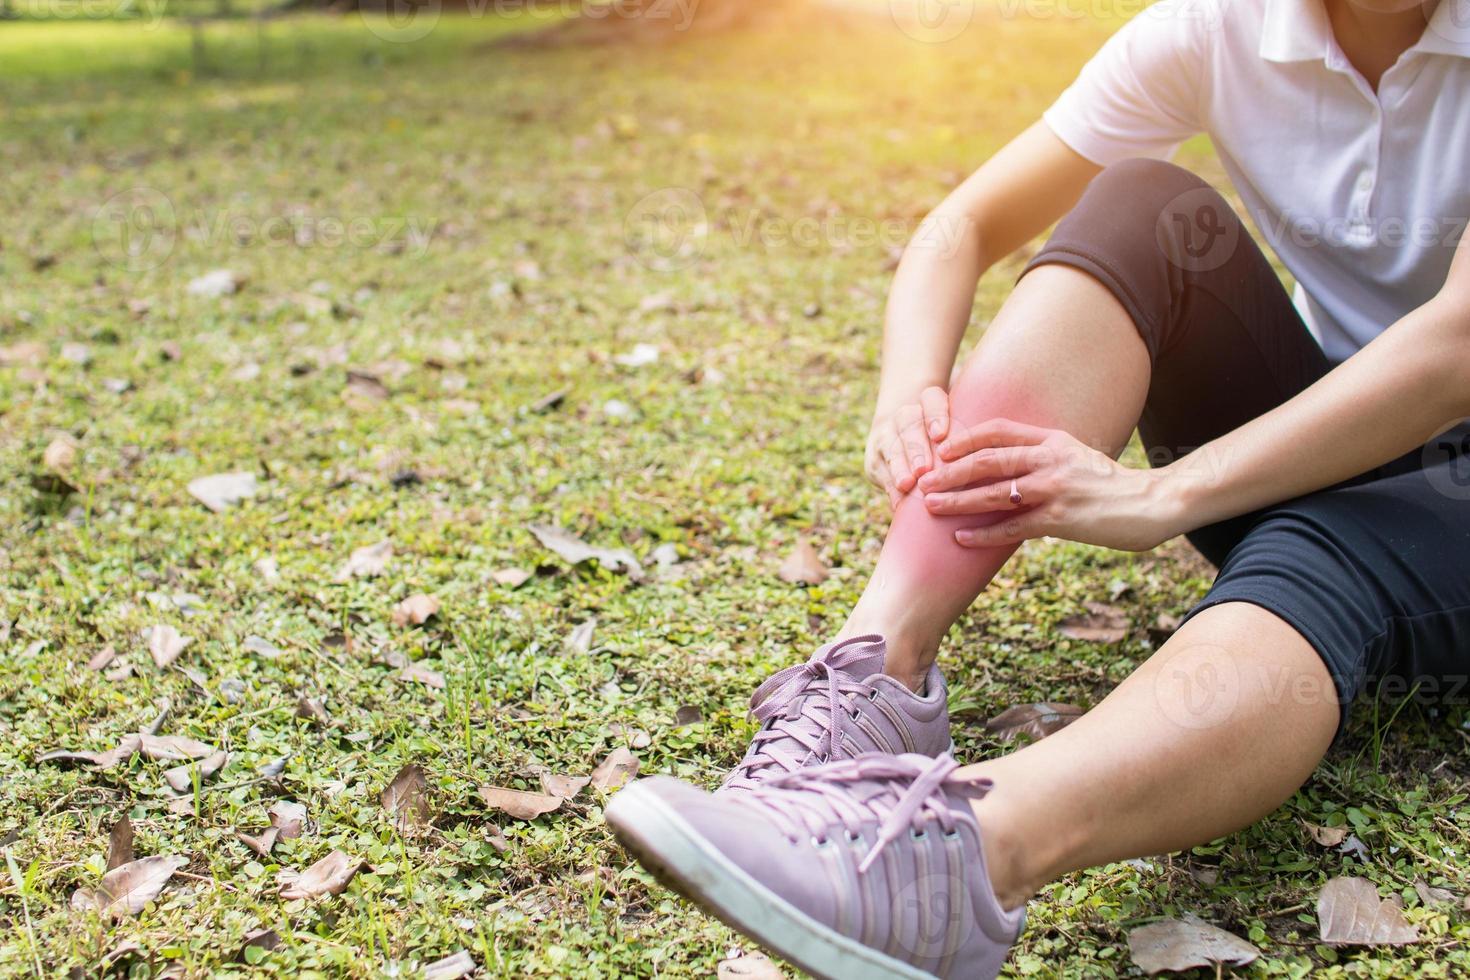 mujer tiene dolor de pierna en el parque foto